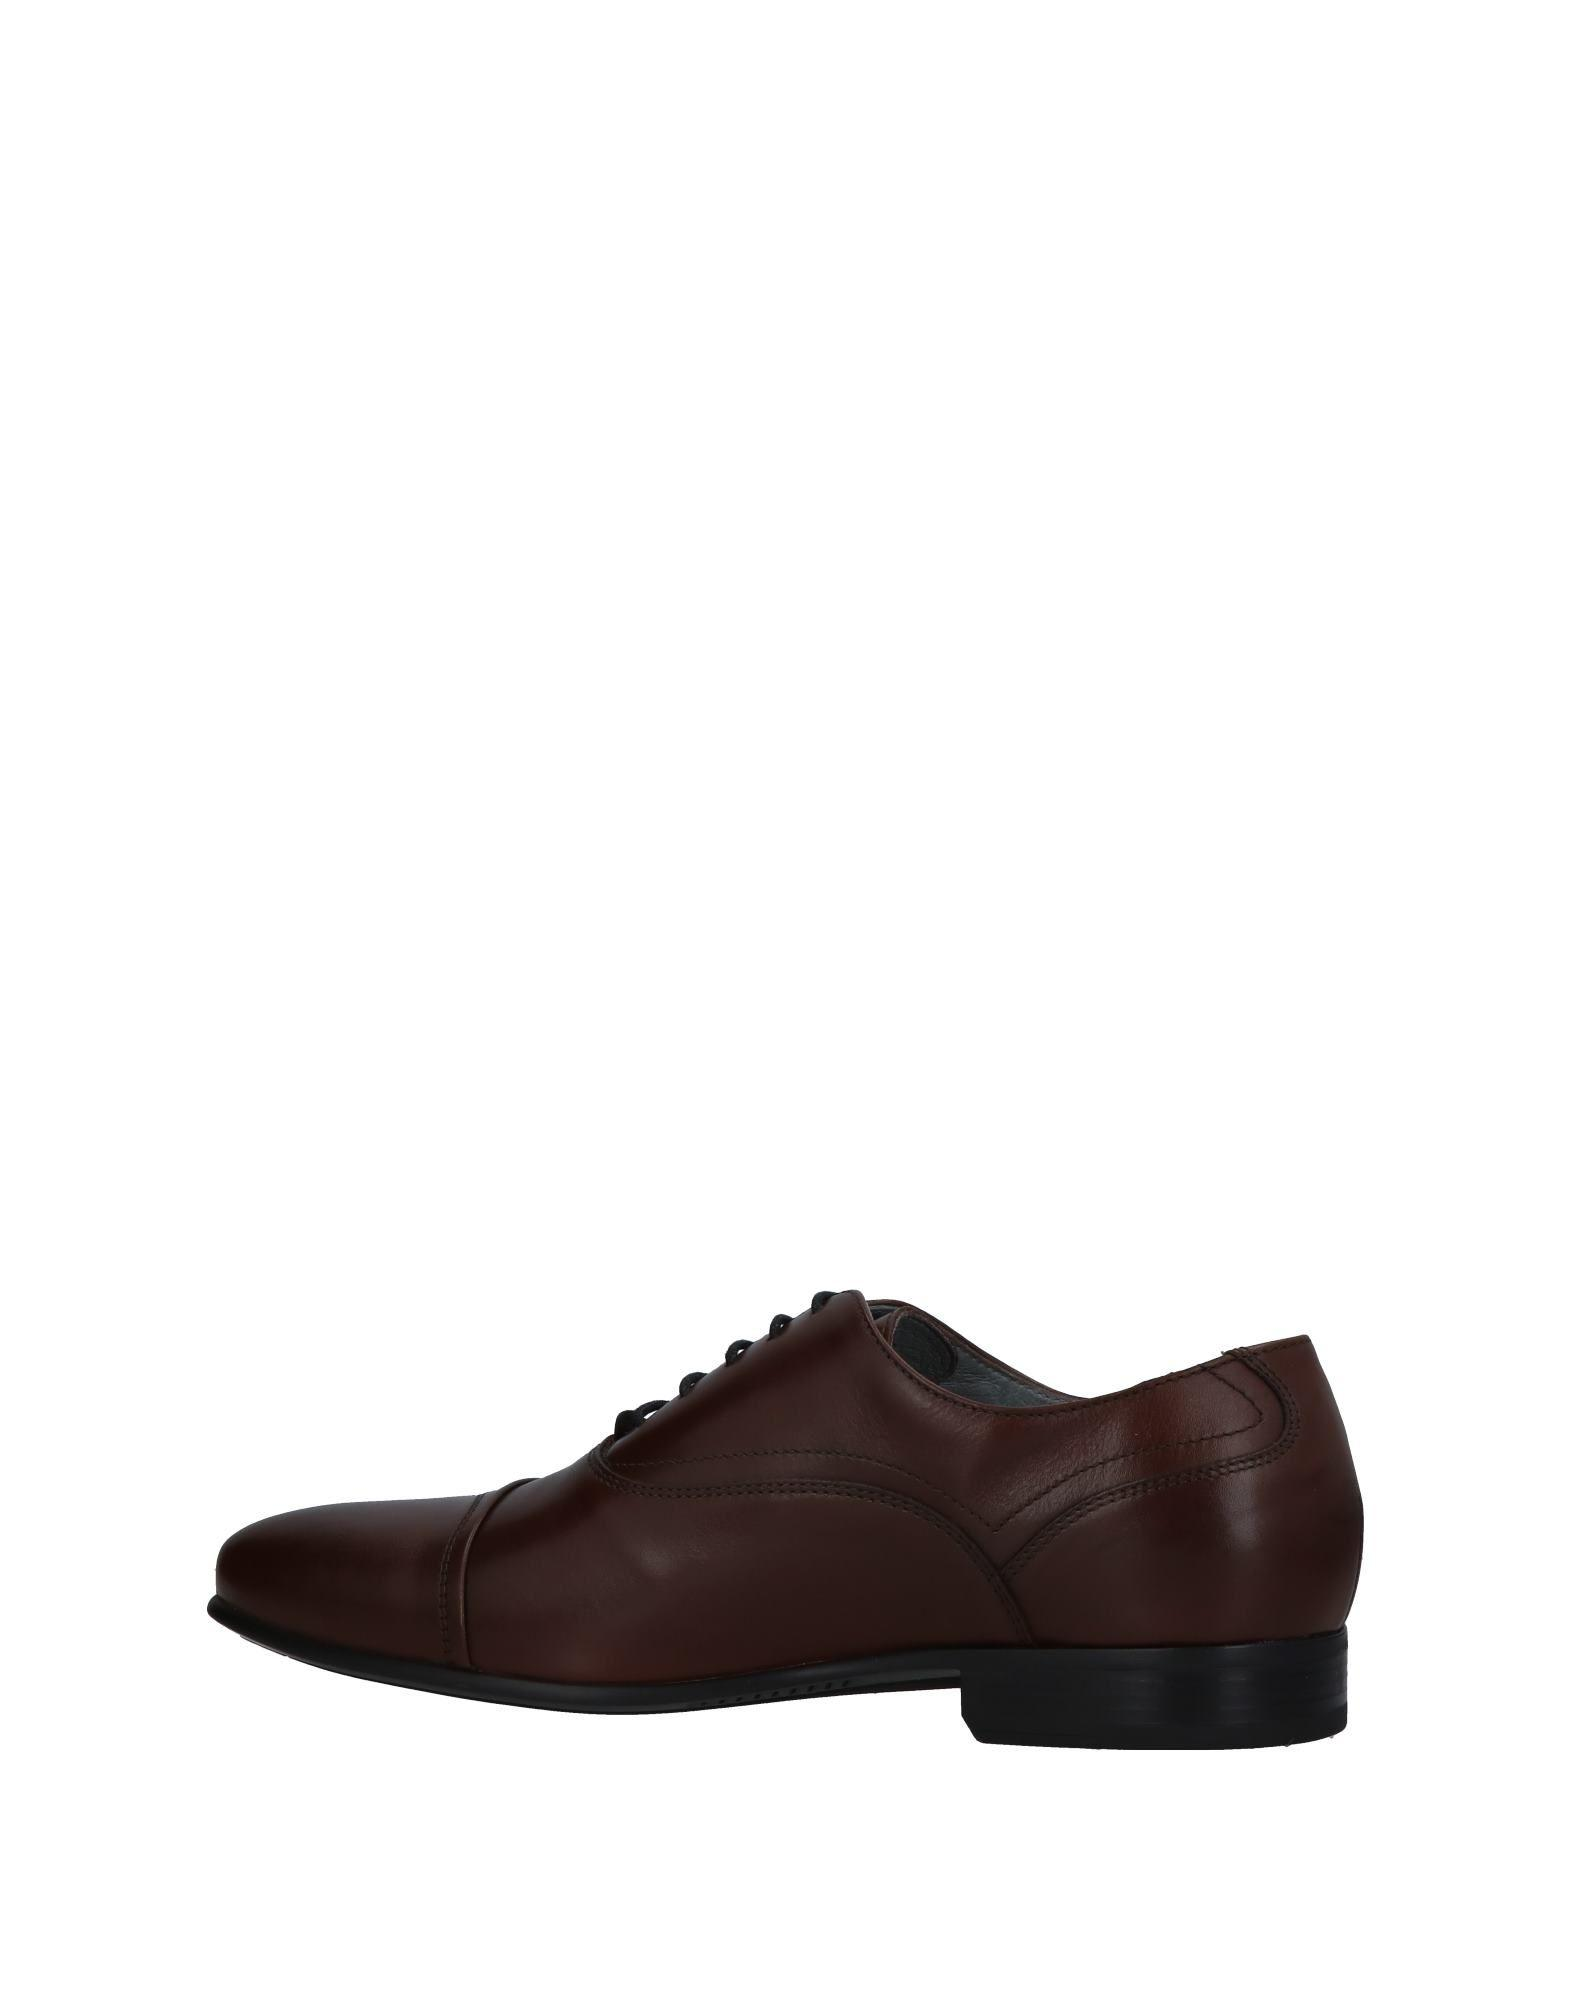 FOOTWEAR - Lace-up shoes Fabiano Ricci YKHEYn9Ws